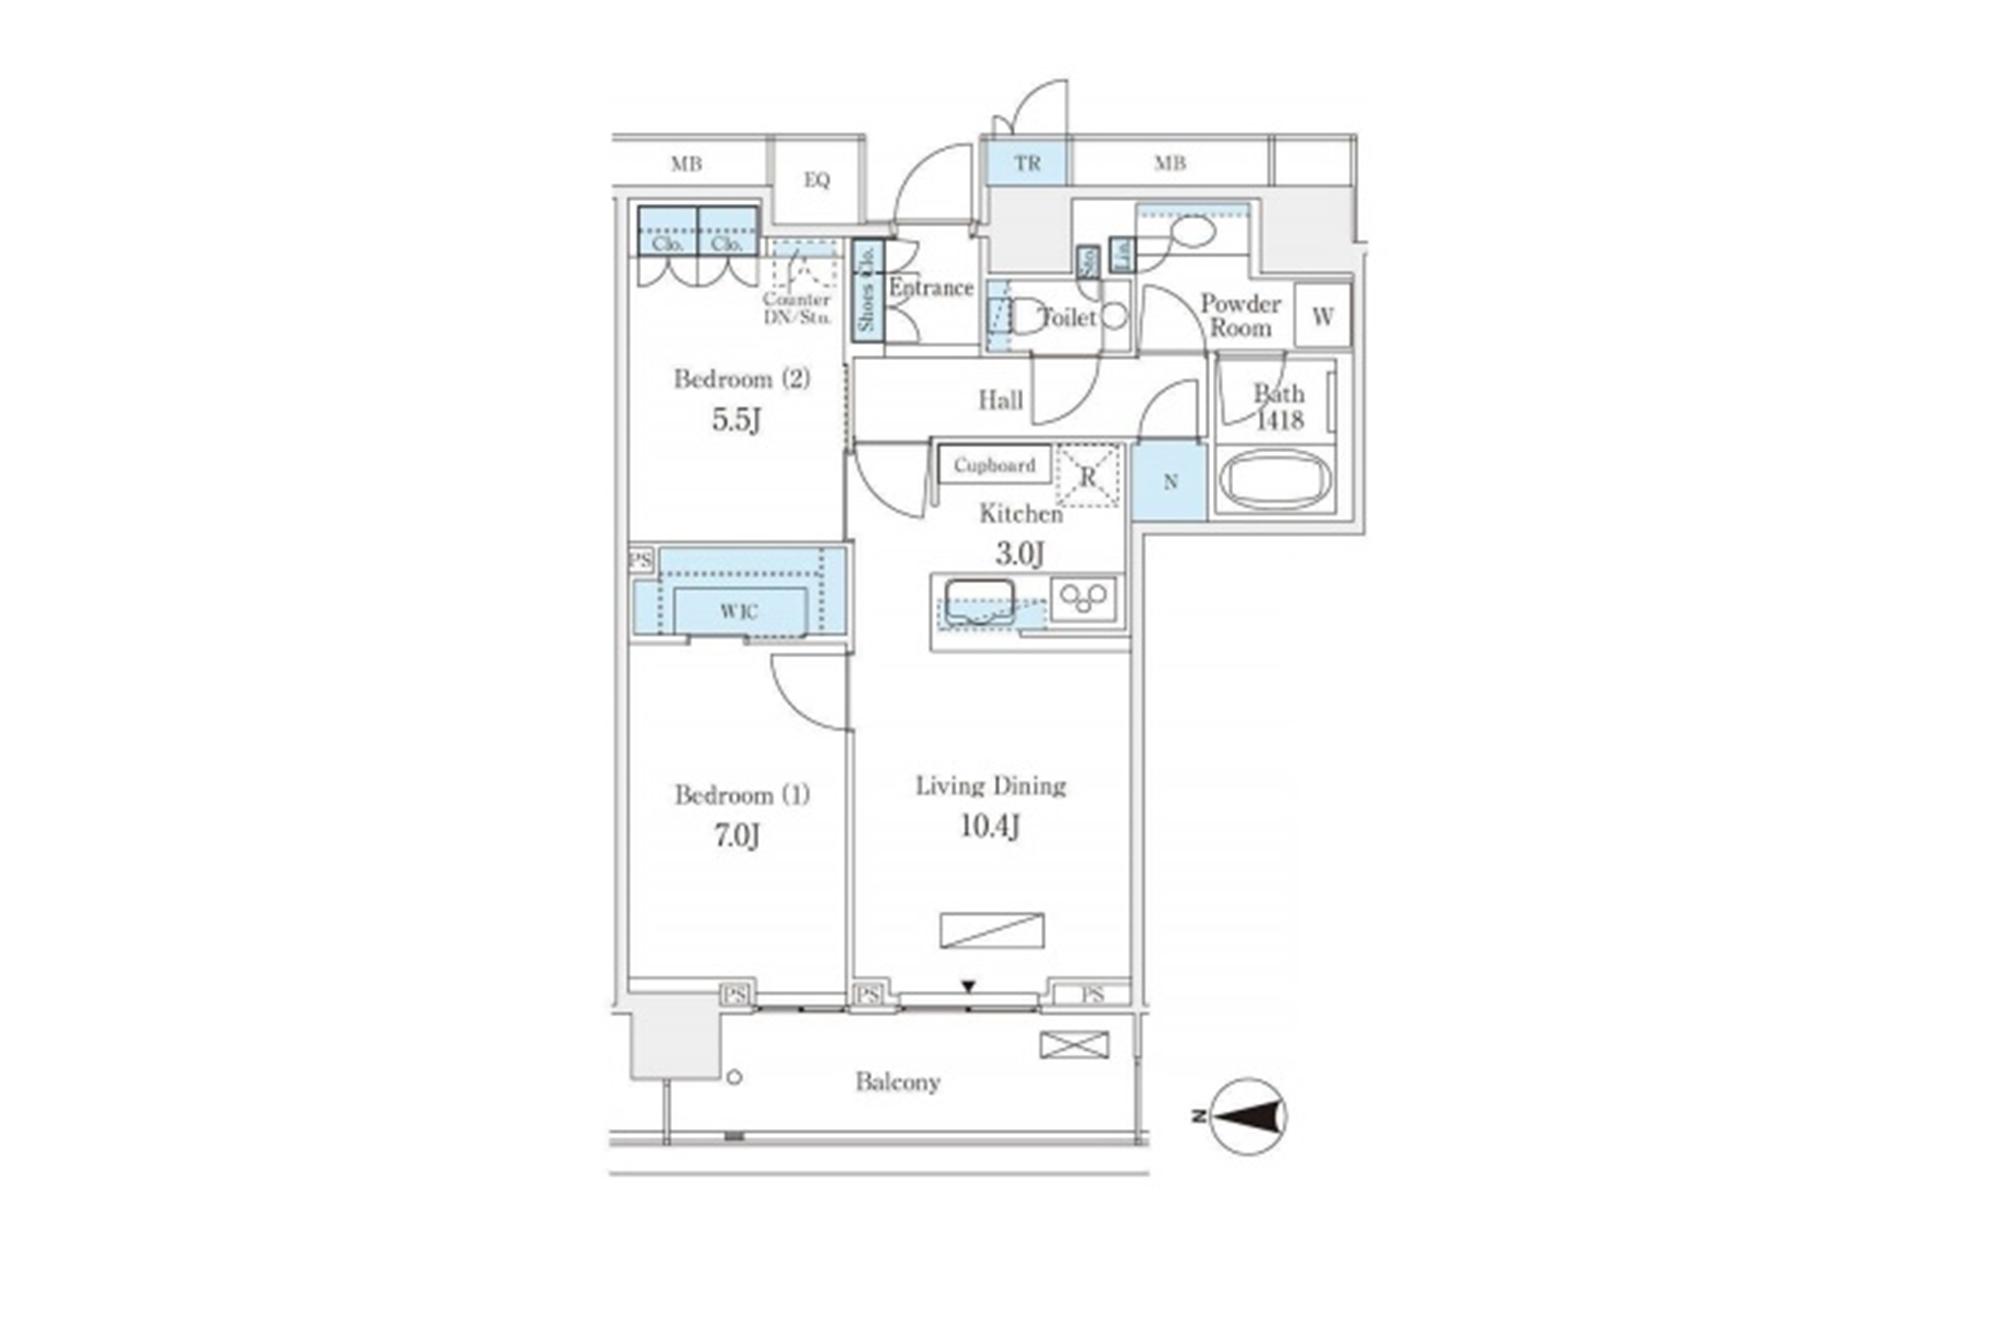 ザ・パークハウス晴海タワーズ クロノレジデンス 37階の写真1